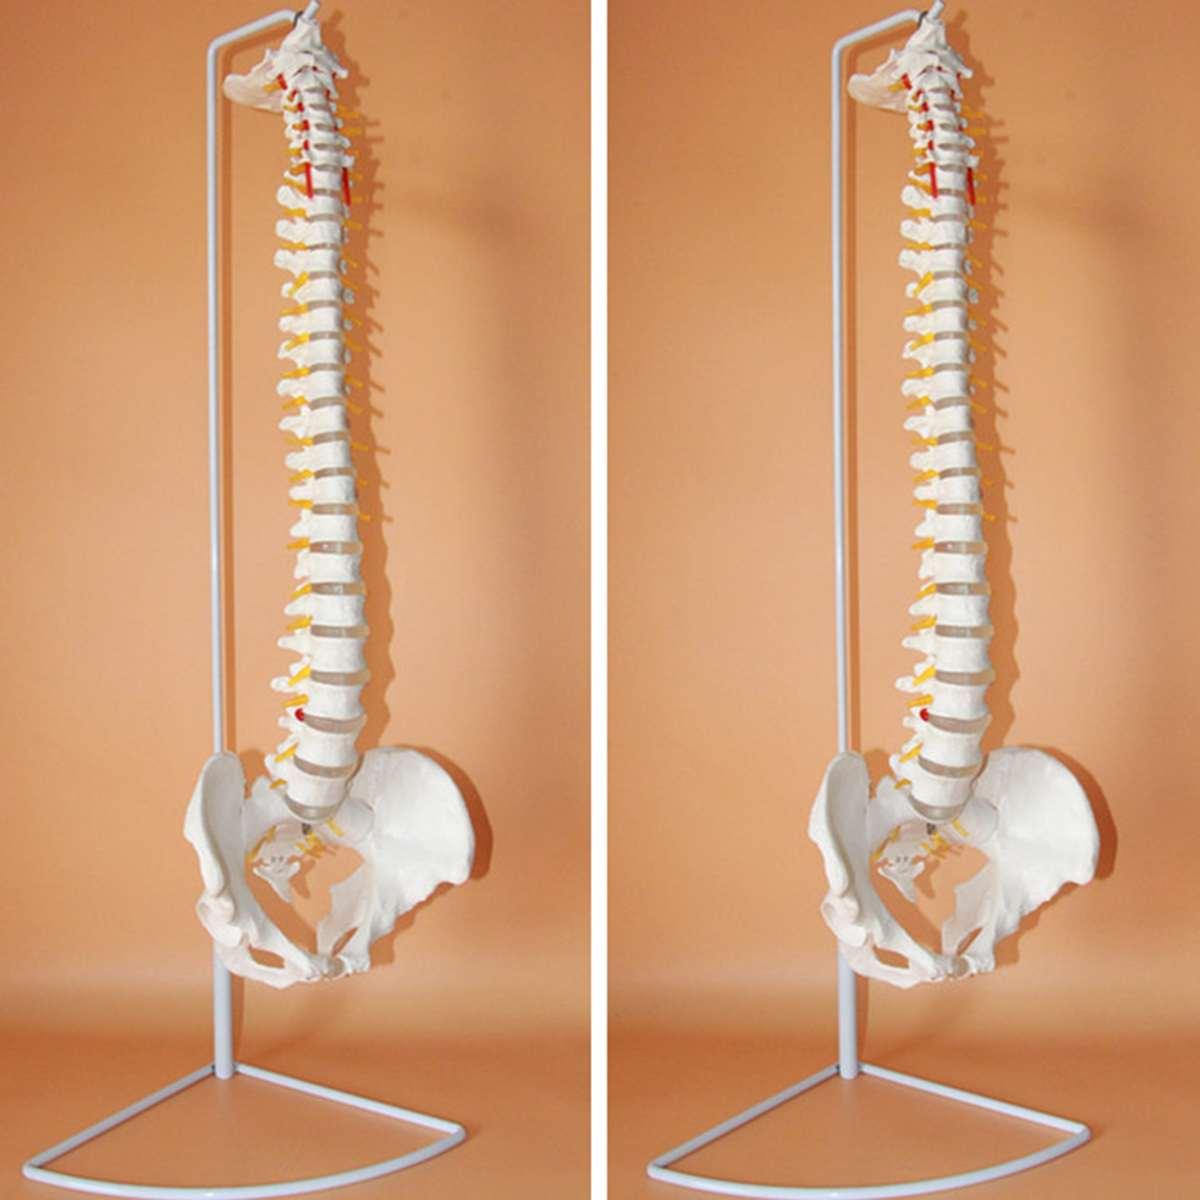 Modèle d'anatomie anatomique de colonne vertébrale humaine chiropratique Flexible de taille de la vie 73 cm avec le modèle éducatif de Science médicale d'école de support